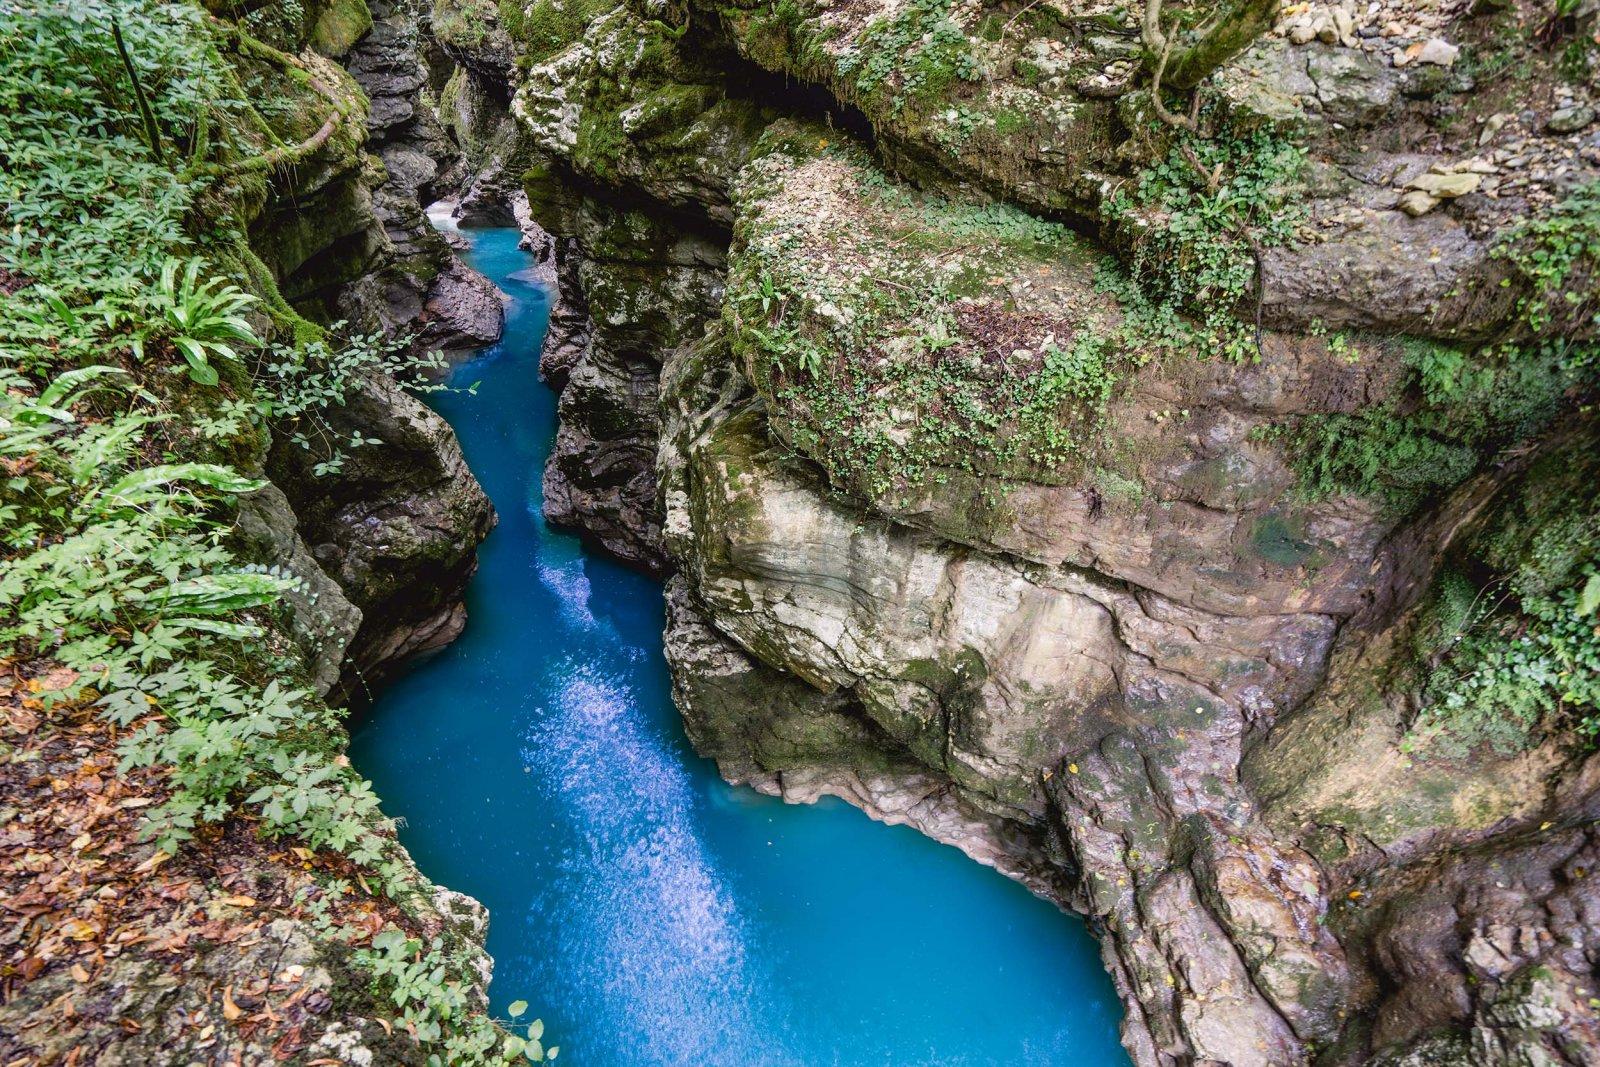 Лучшая экскурсия — пещера Прометея, каньон Окаце, каньон Мартвили